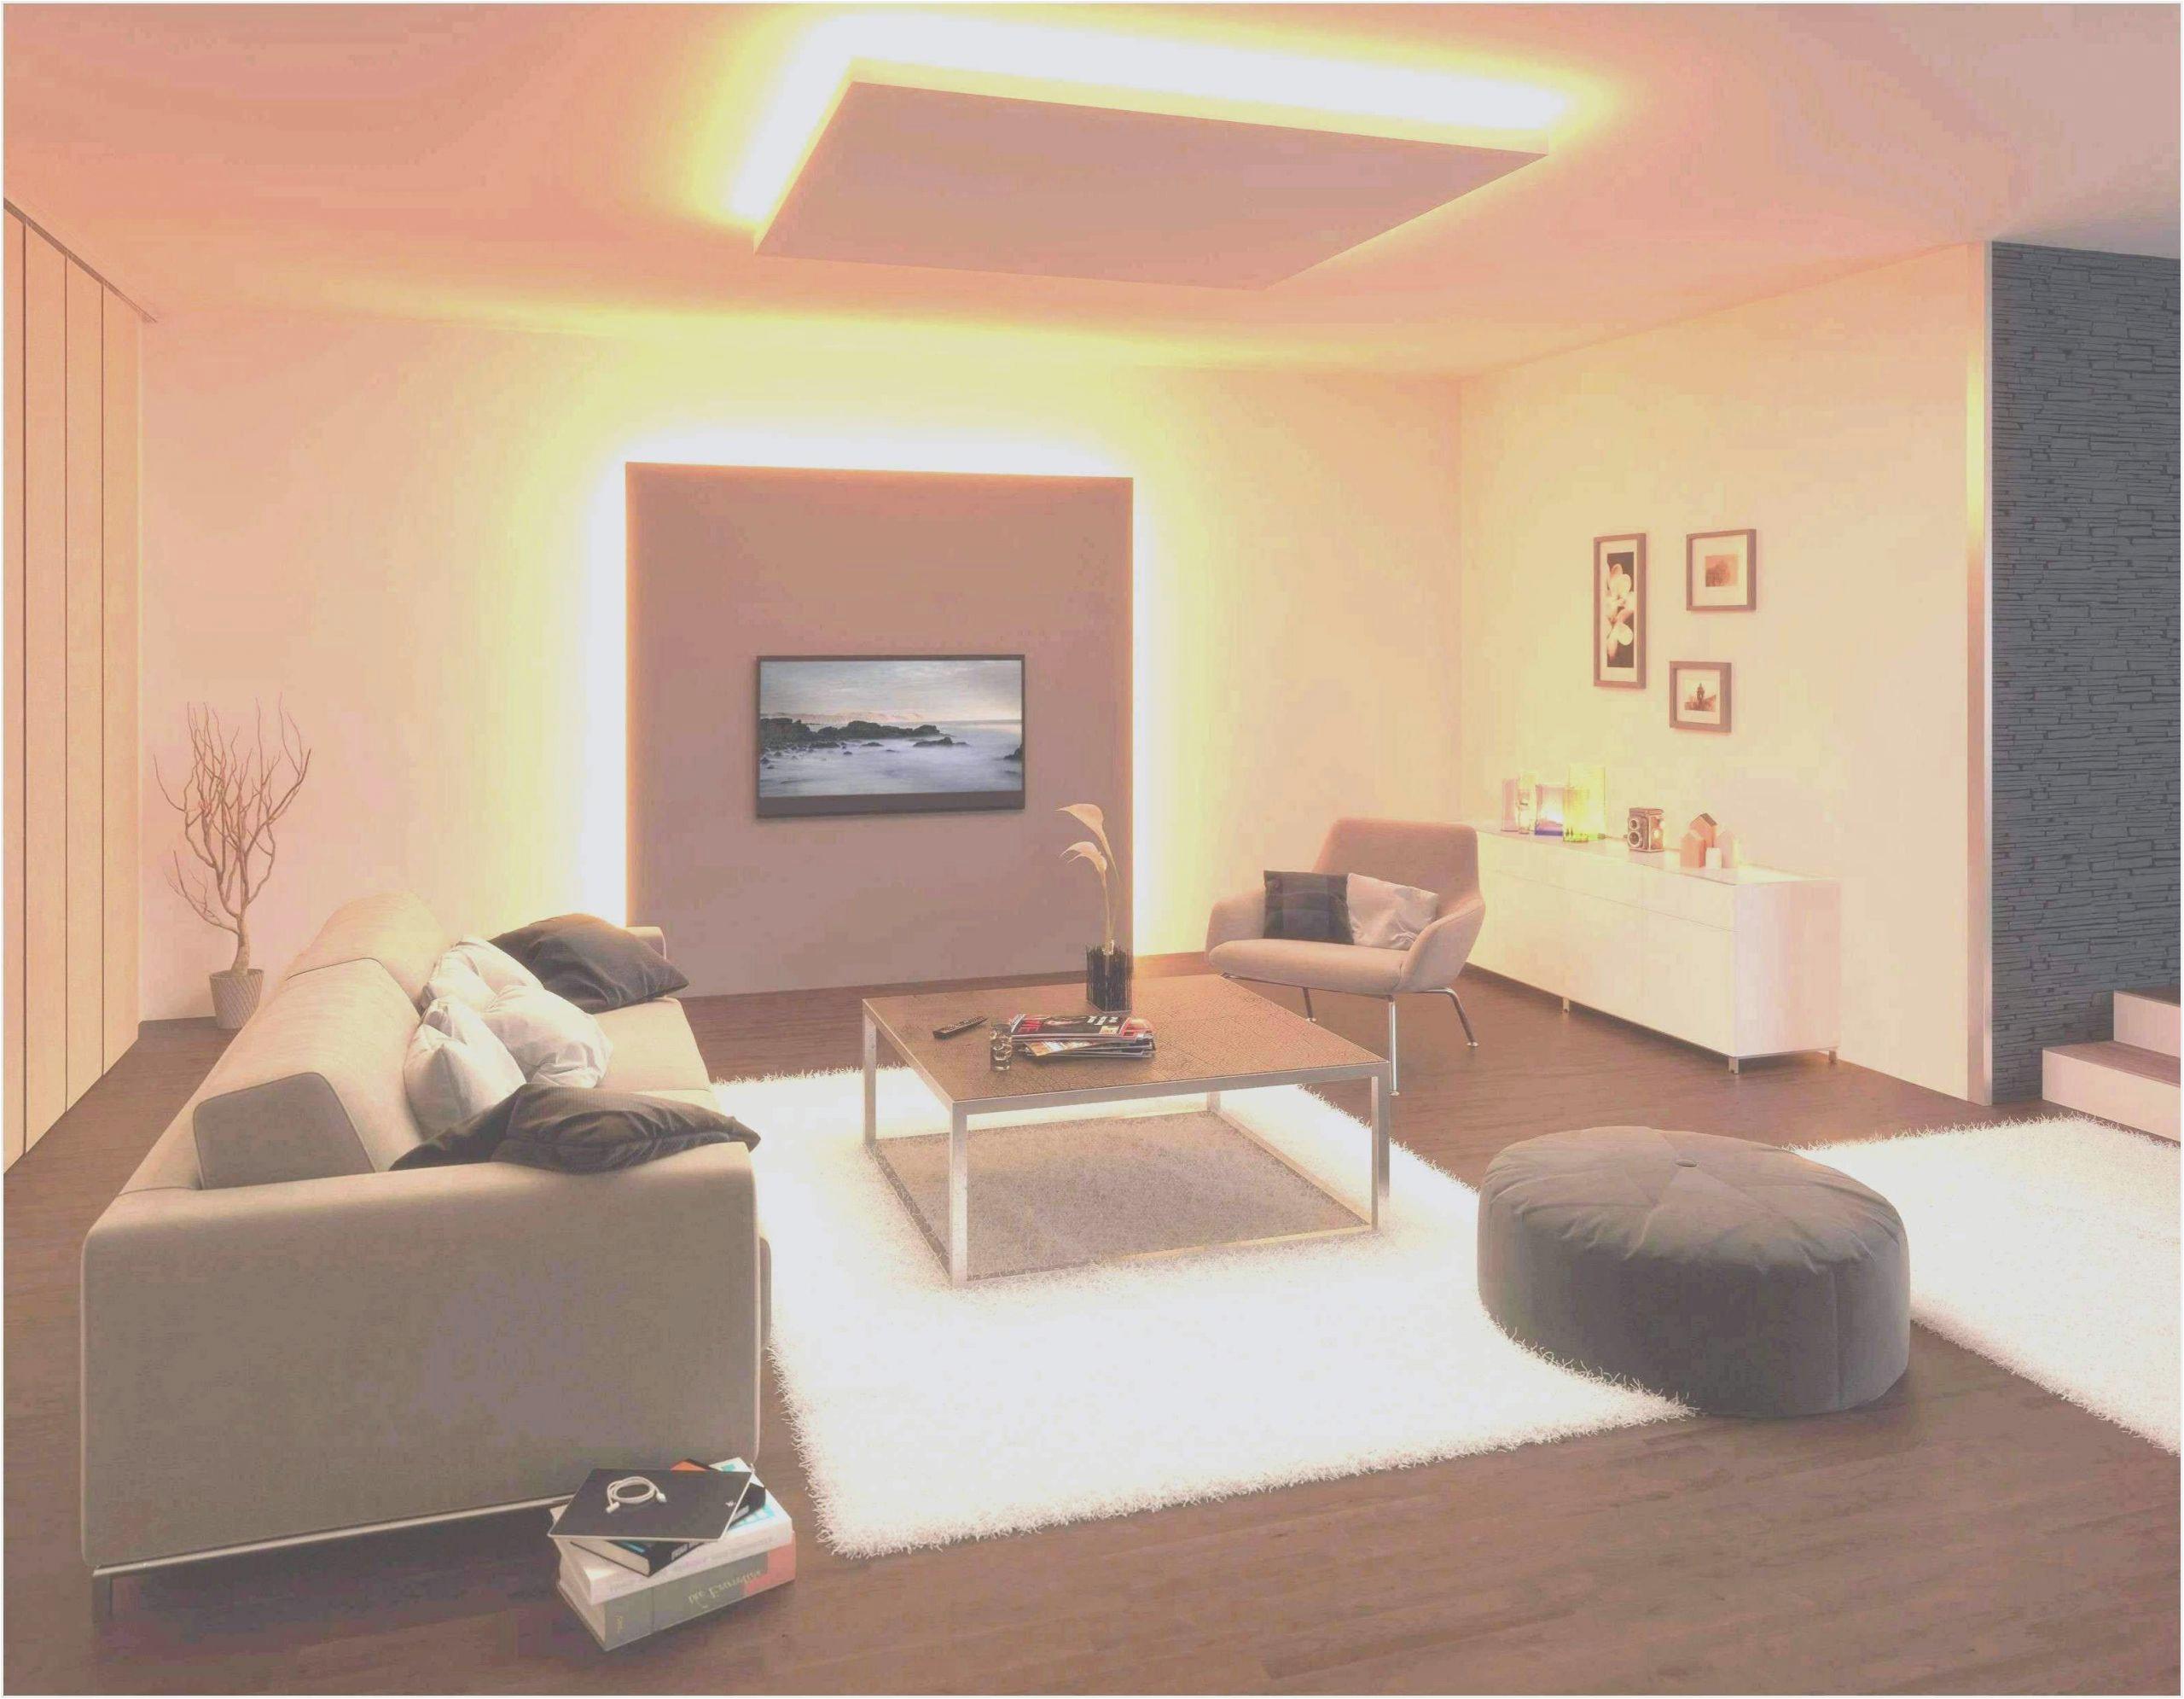 badezimmer lampe charmant 38 luxus ikea lampen wohnzimmer reizend of badezimmer lampe